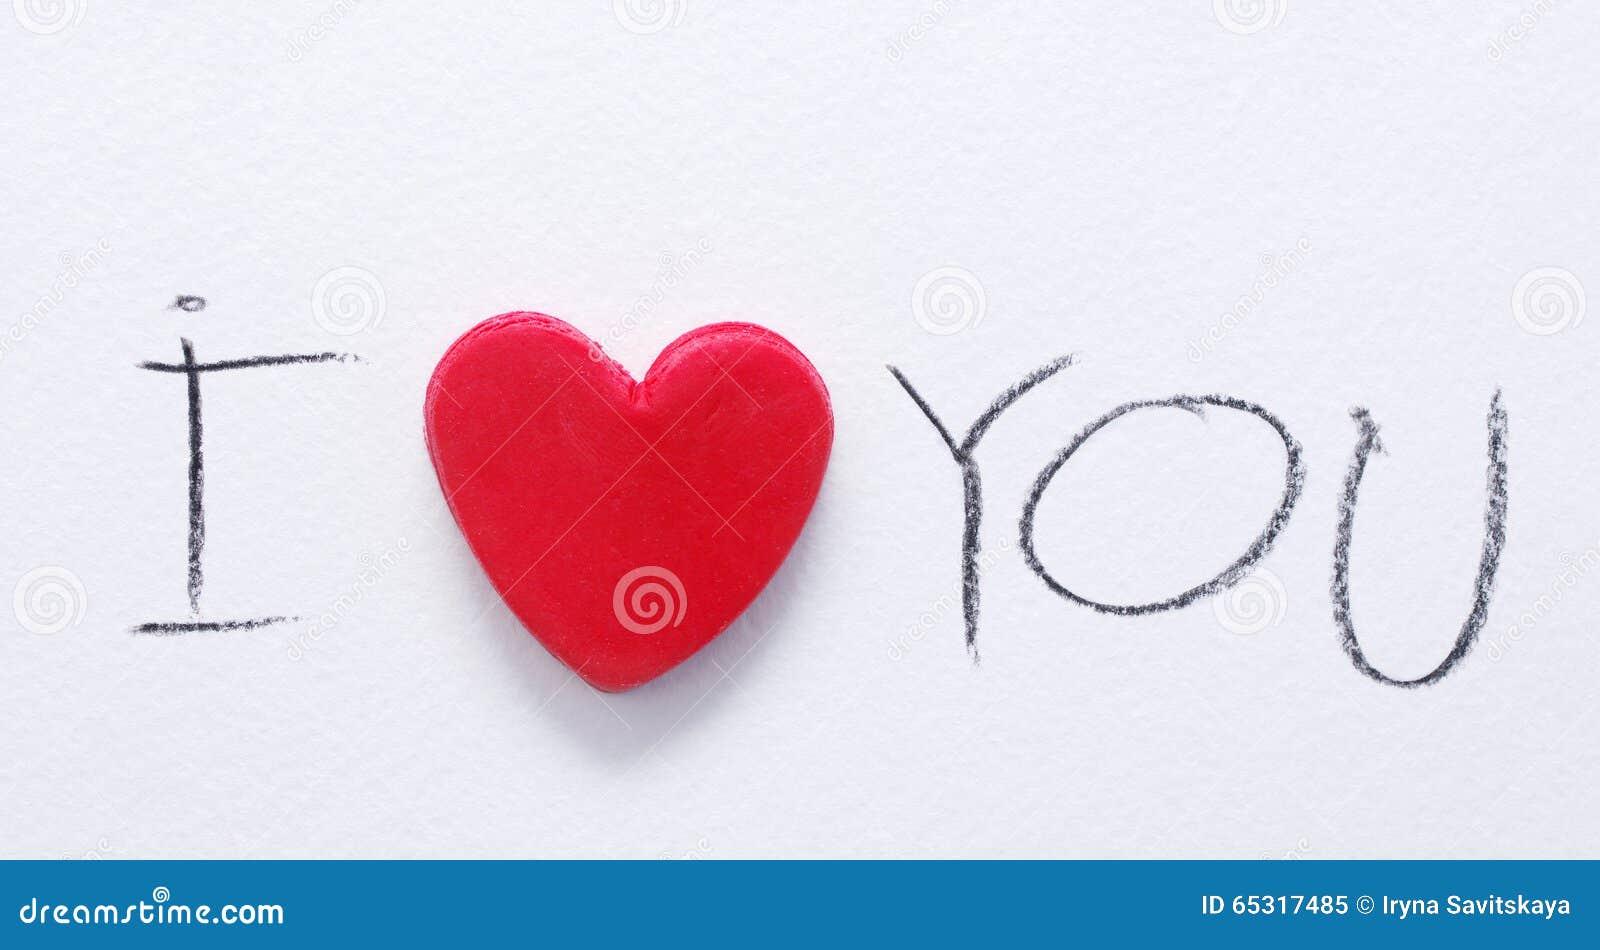 Rotes Herz Und Der Text Ich Liebe Dich, Geschrieben Durch Einen Roten  Bleistift Auf Weißbuch Romantischer Karte St. Valentinstag